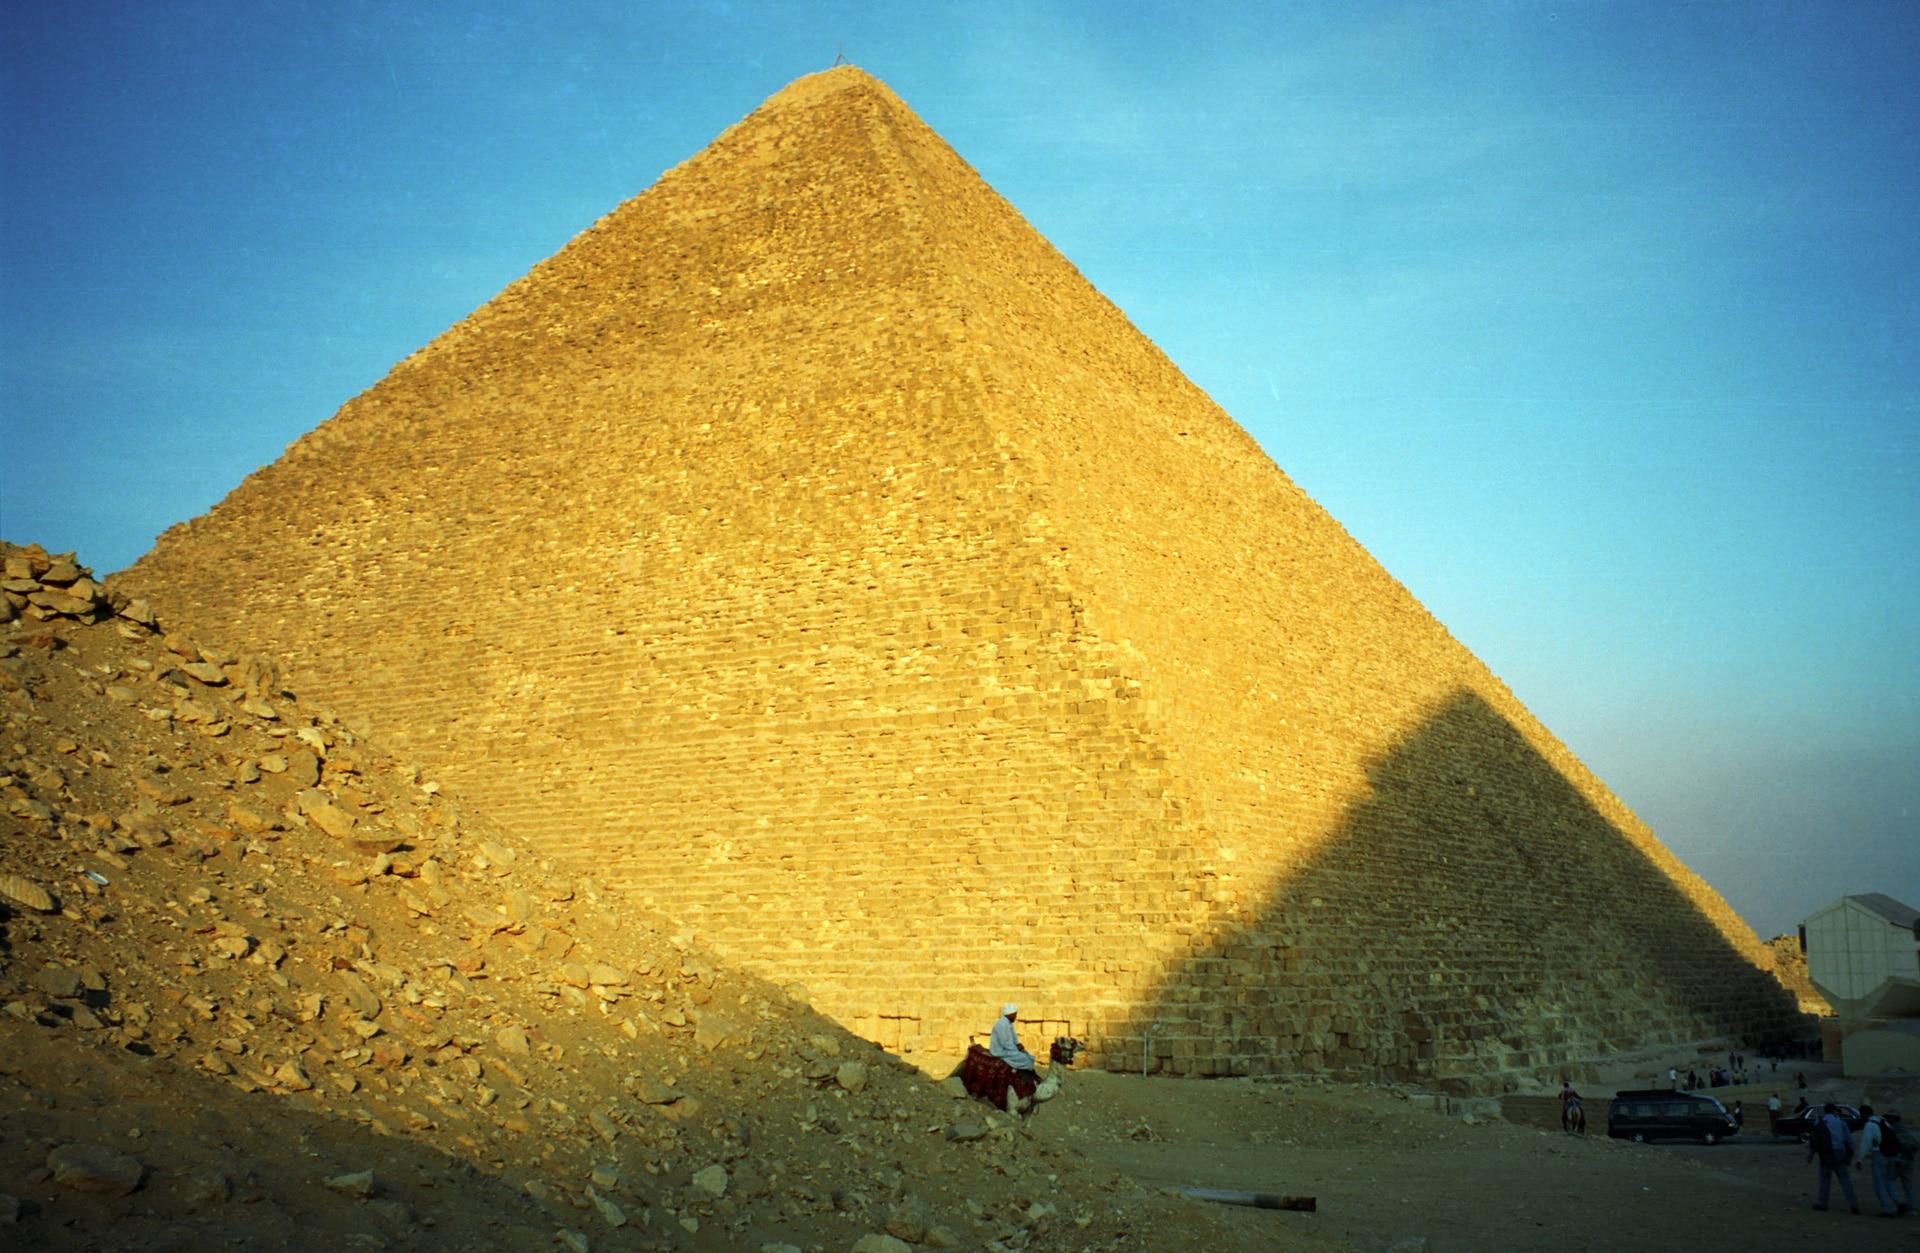 platre-pyramide-egypte